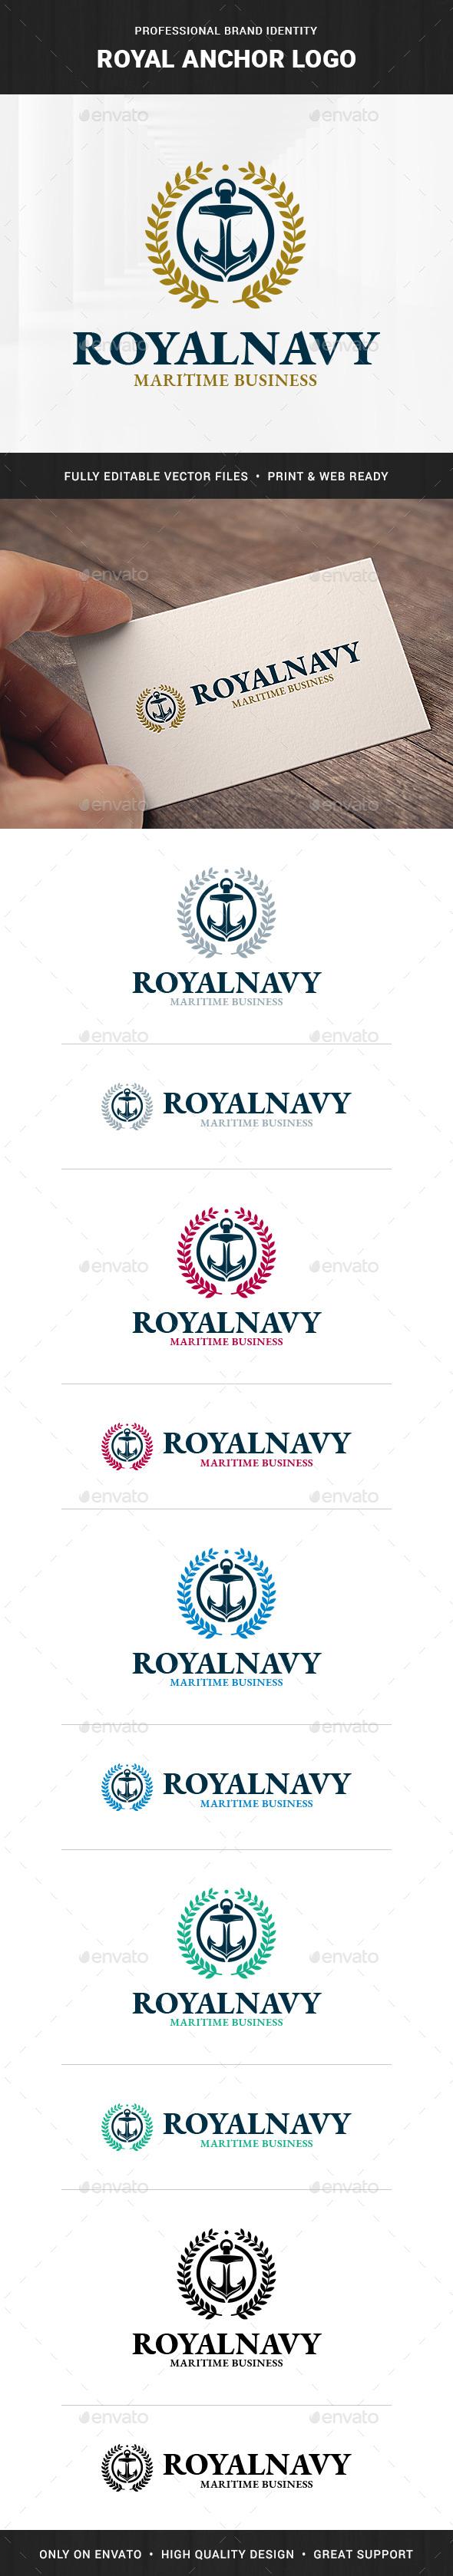 Royal Anchor Logo Template